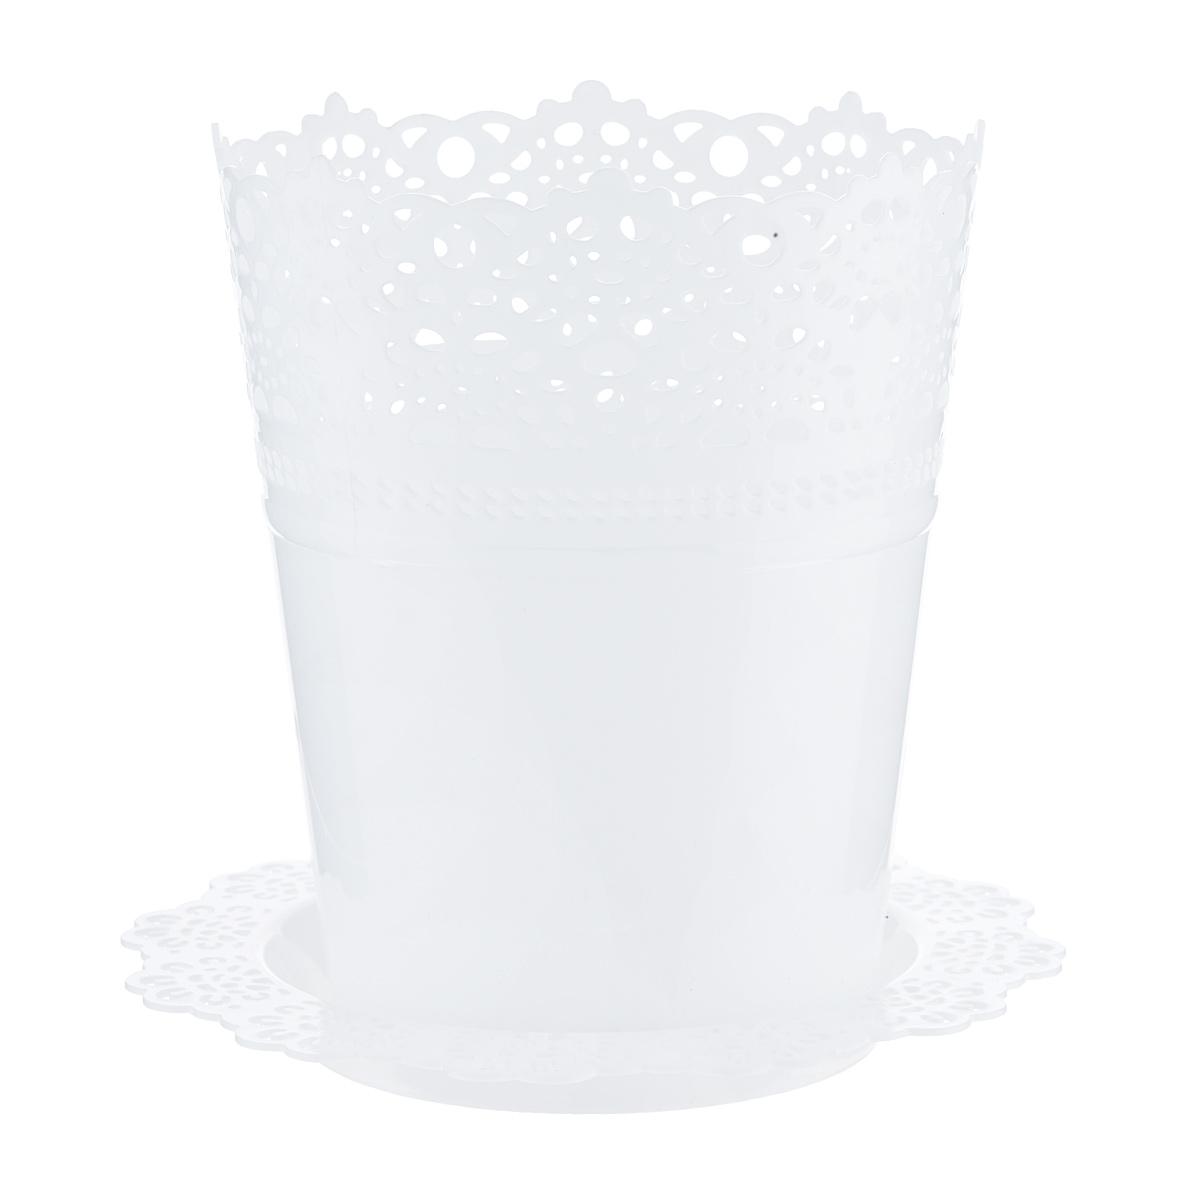 Кашпо Idea Ажур, с подставкой, цвет: белый, диаметр 15 смМ 3092Кашпо Idea Ажур изготовлено из полипропилена (пластика). Специальная подставка предназначена для стока воды. Верх изделия и подставка оформлены перфорацией, напоминающей кружево. Изделие прекрасно подходит для выращивания растений и цветов в домашних условиях. Диаметр подставки: 19 см.